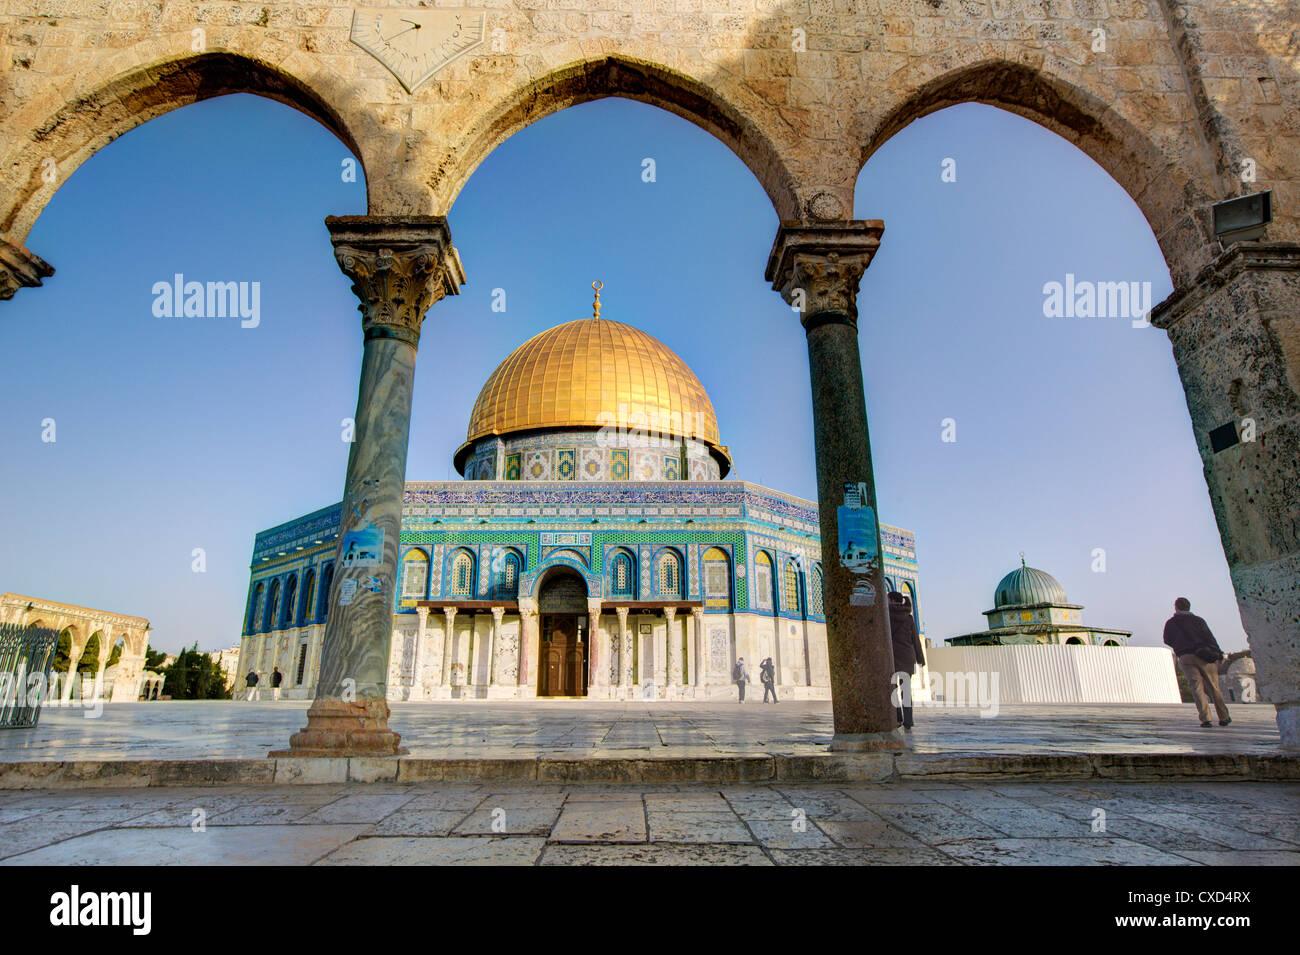 La cúpula de la roca, el Monte del Templo, la ciudad vieja, Patrimonio Mundial de la UNESCO, Jerusalem, Israel, Imagen De Stock